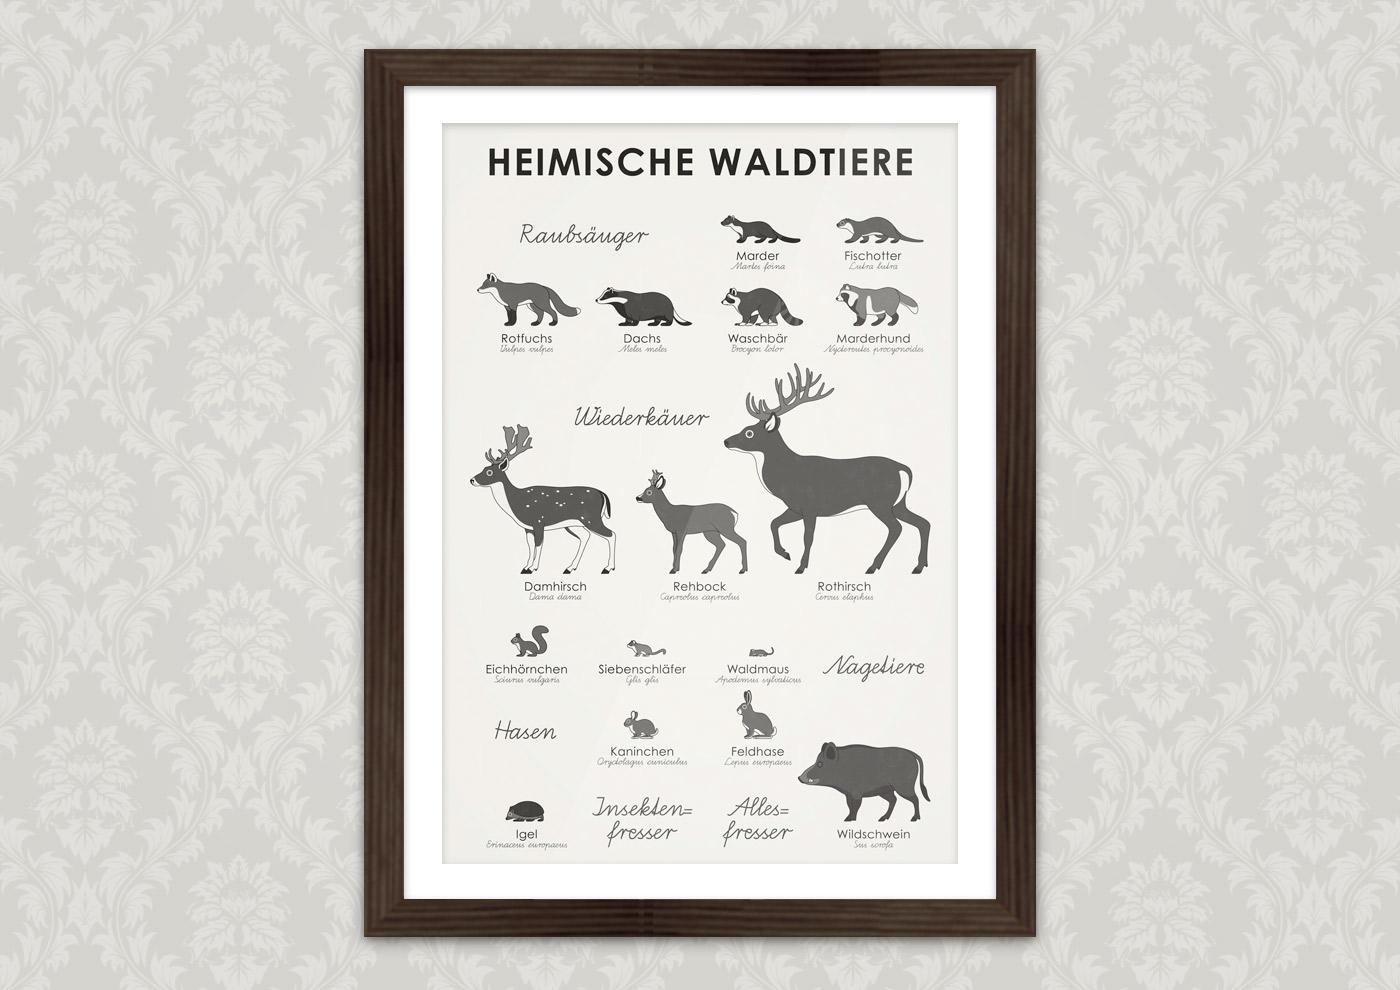 Heimische Waldtiere Bestimmen und Erkennen mit Form, Zeichnung und Habitus von Eichhörnchen, Hase, Igel, Kaninchen, Siebenschläfer, Waldmaus, Damhirsch, Wildschwein, Rehbock, Rothirsch, Dachs, Fischotter, Fuchs, Marder, Marderhund und Waschbär als Poster oder Kunstdruck von Iris Luckhaus